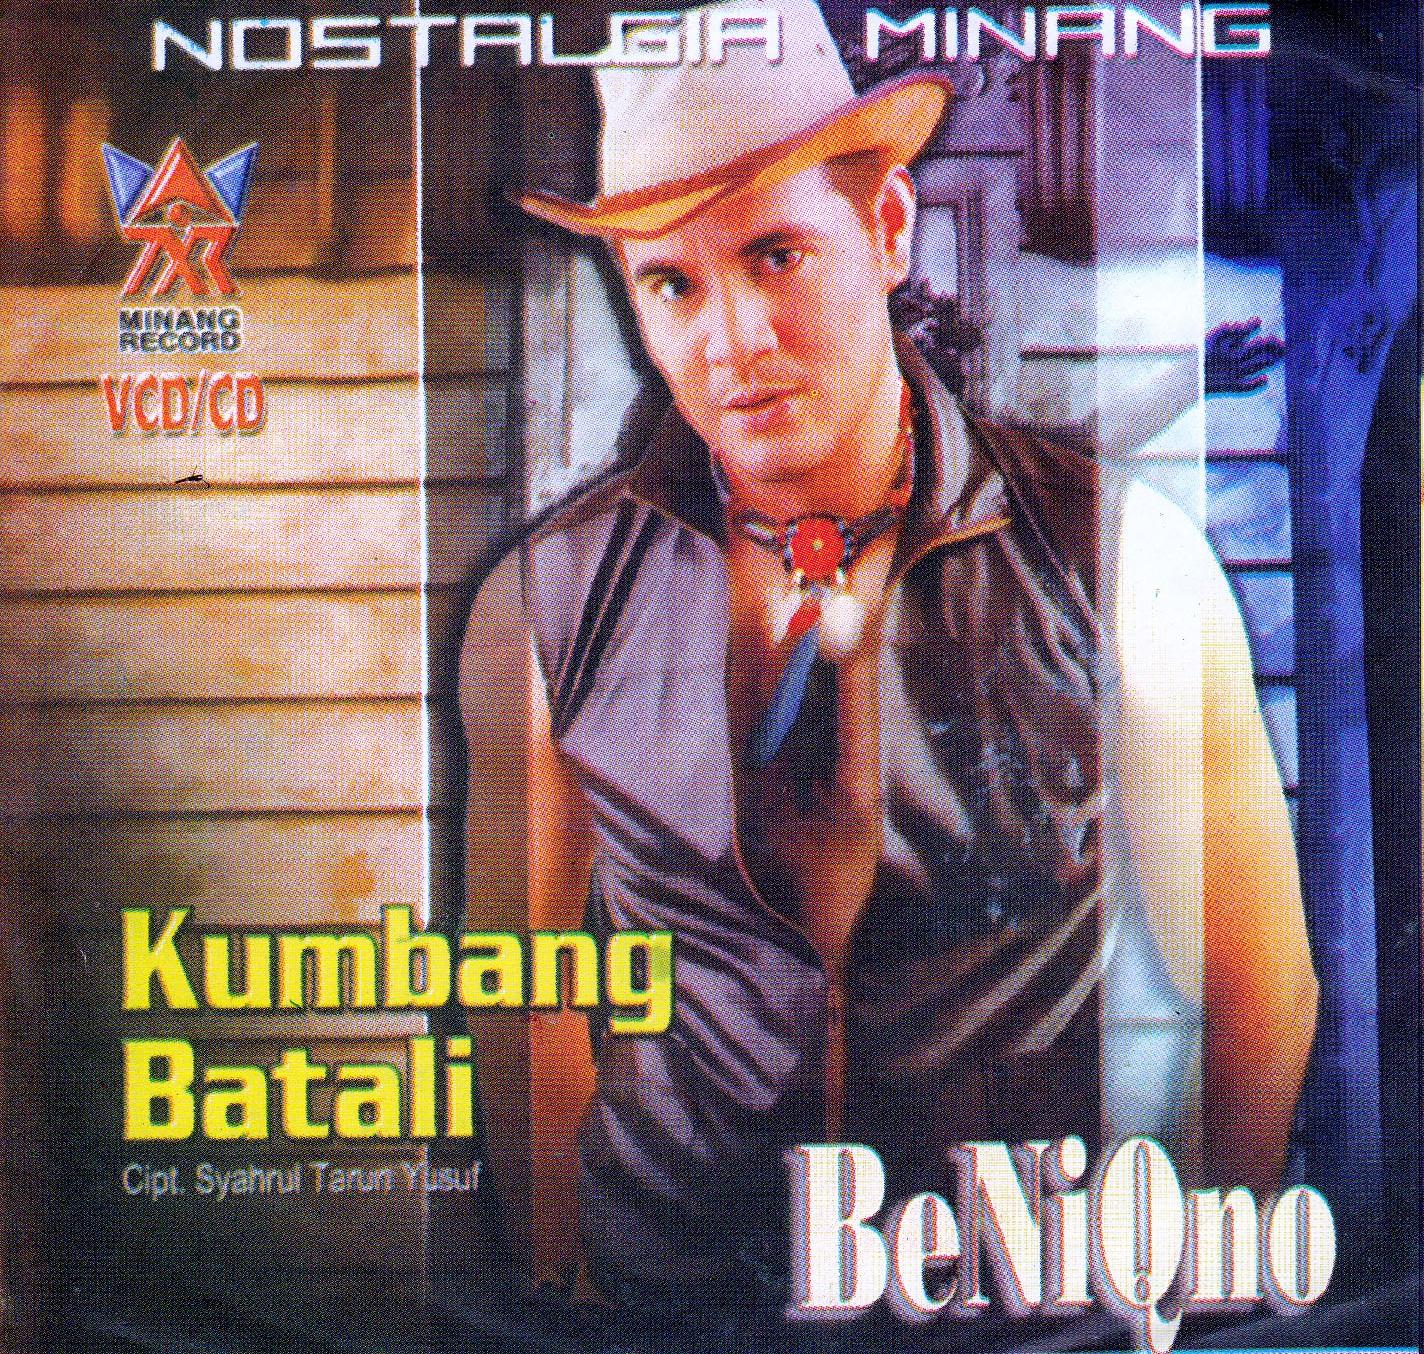 Download Lagu Goyang Nasi Padang 2: Beniqno - Kumbang Batali